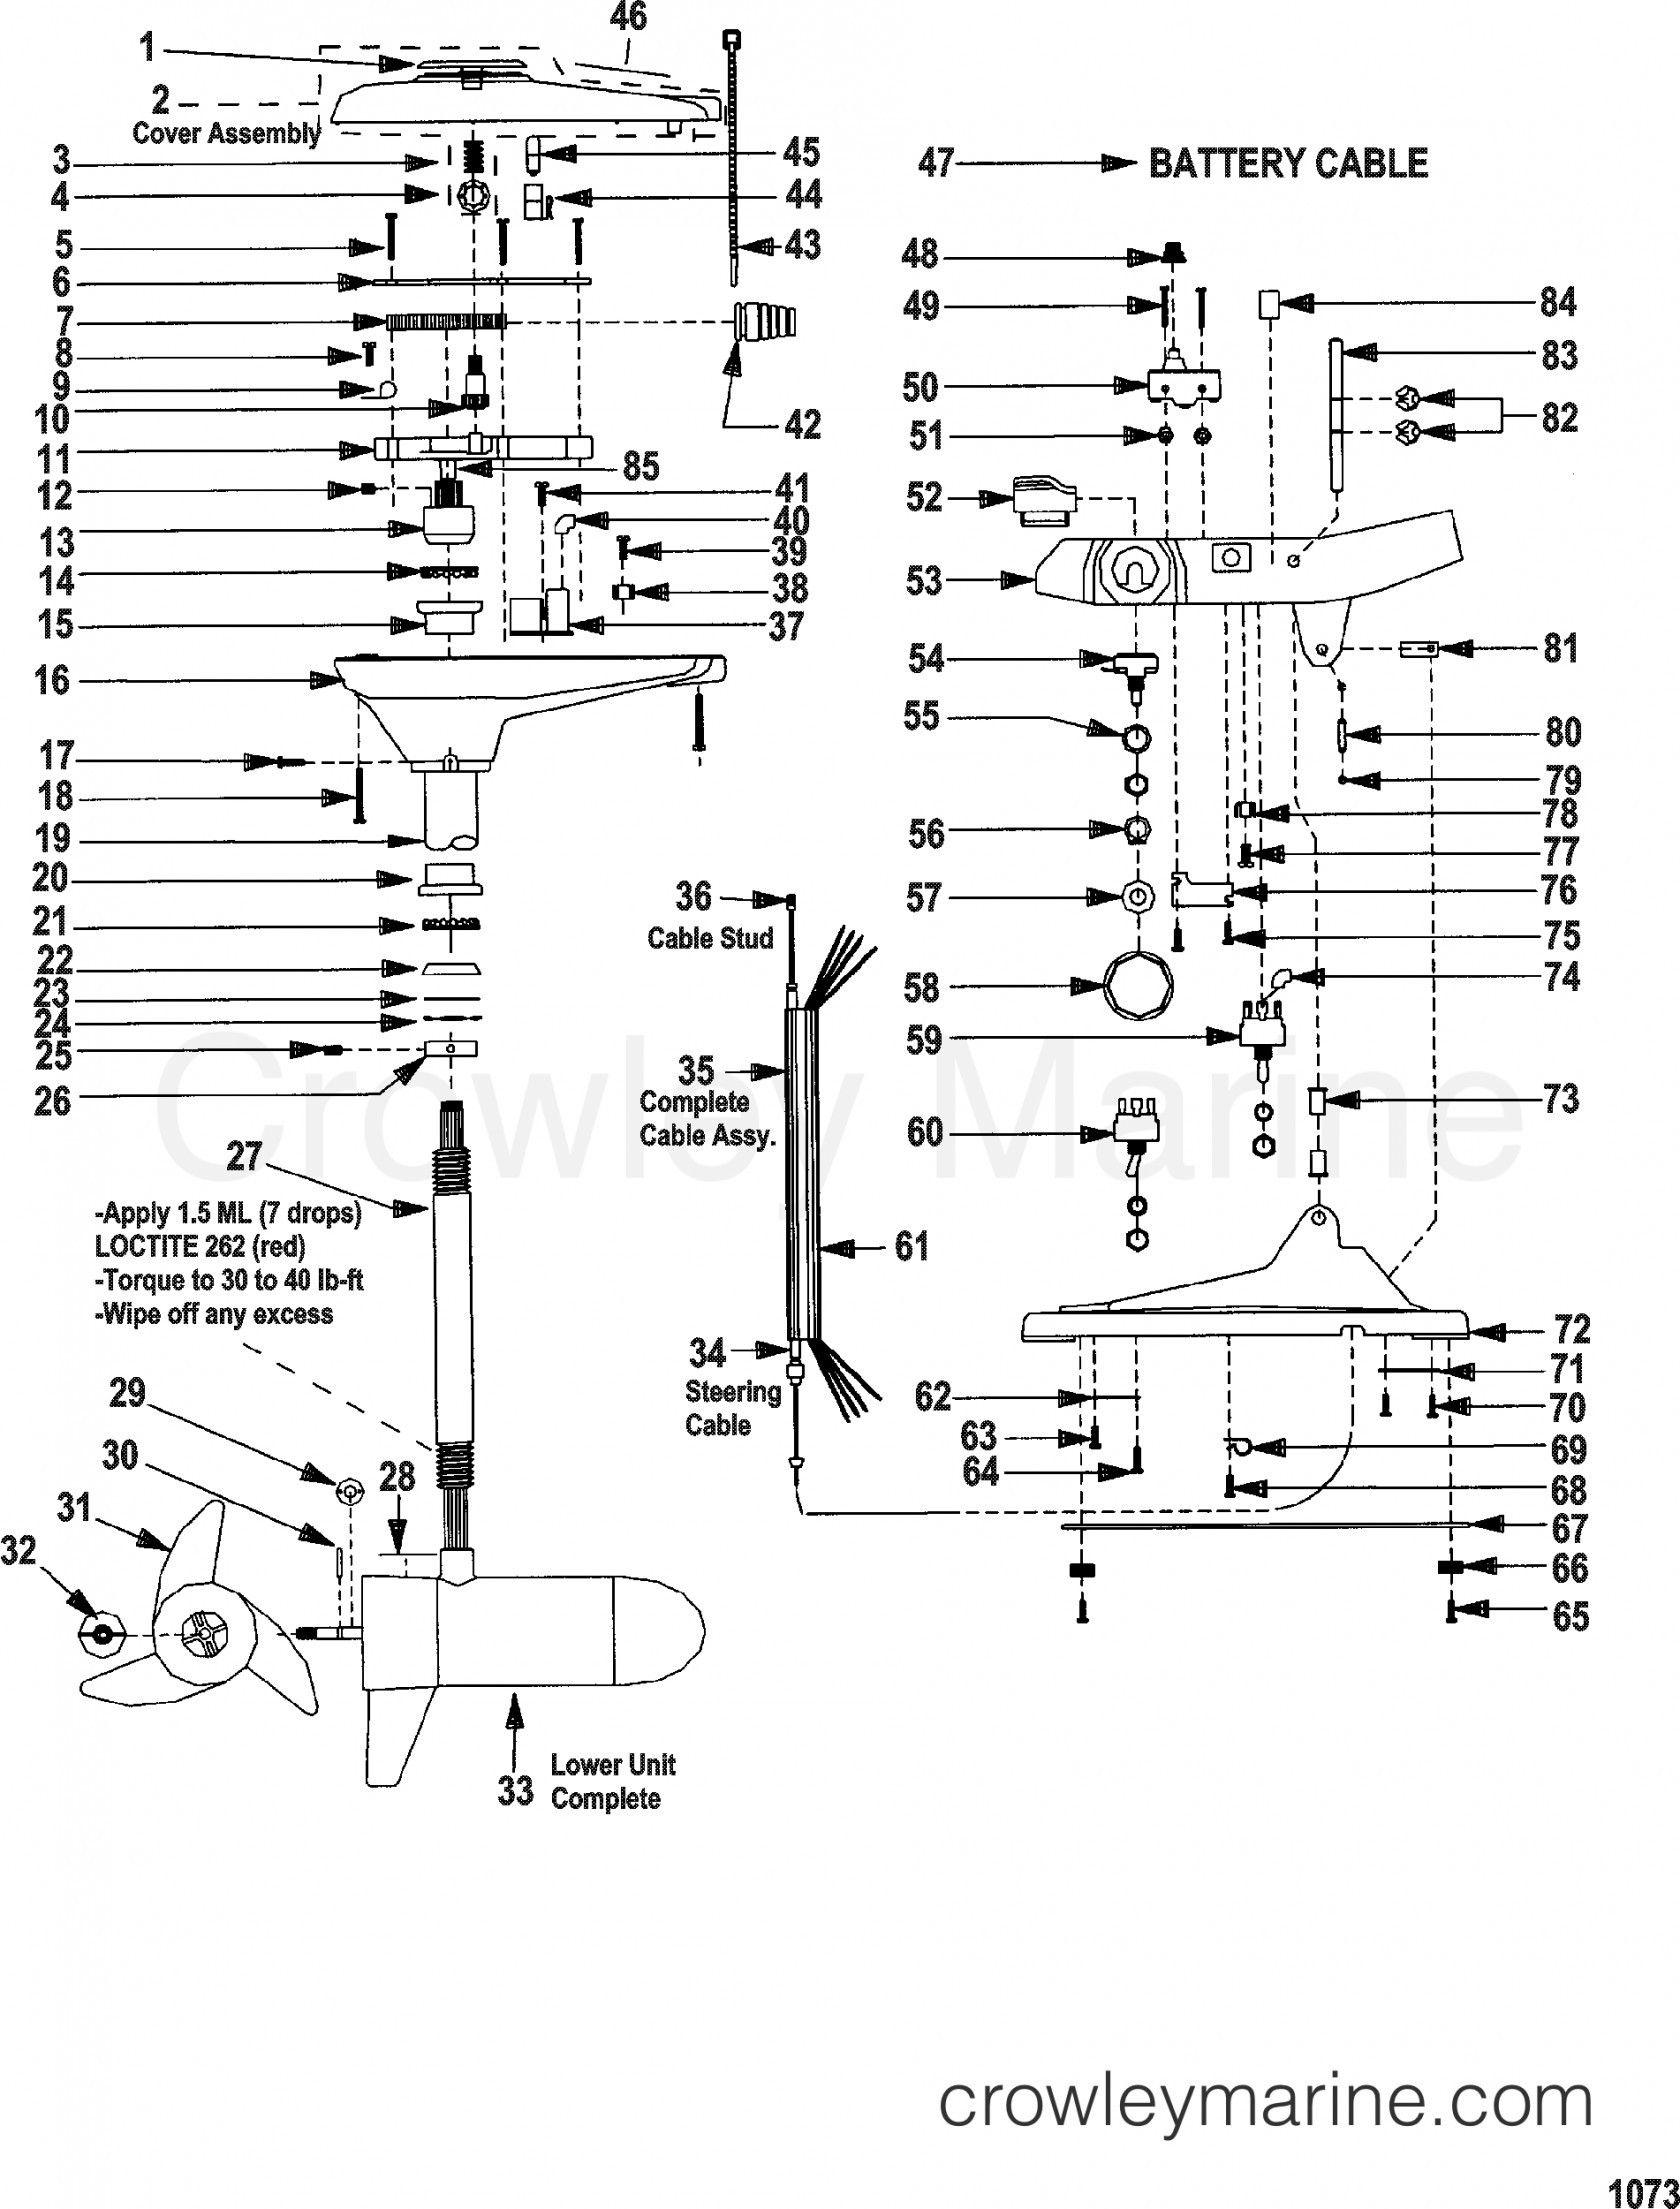 Marathon Electric Motor Wiring Diagram Trolling Motor Motorguide Trolling Motor Diagram